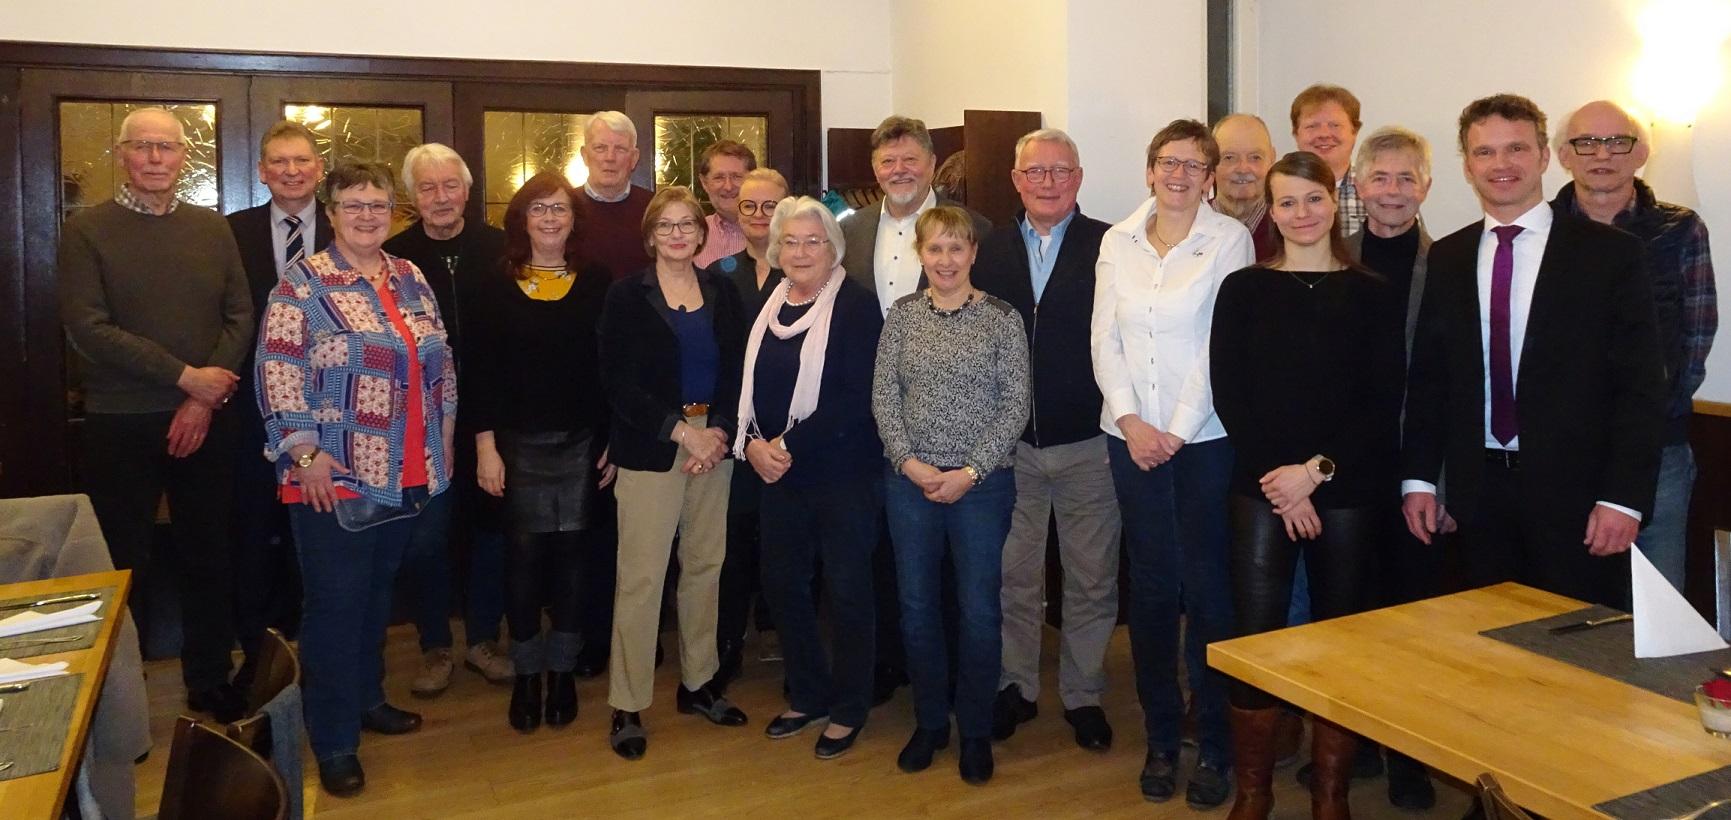 Großes Lob für großartiges Engagement im Verein und für die Stadt Wetter (Ruhr)